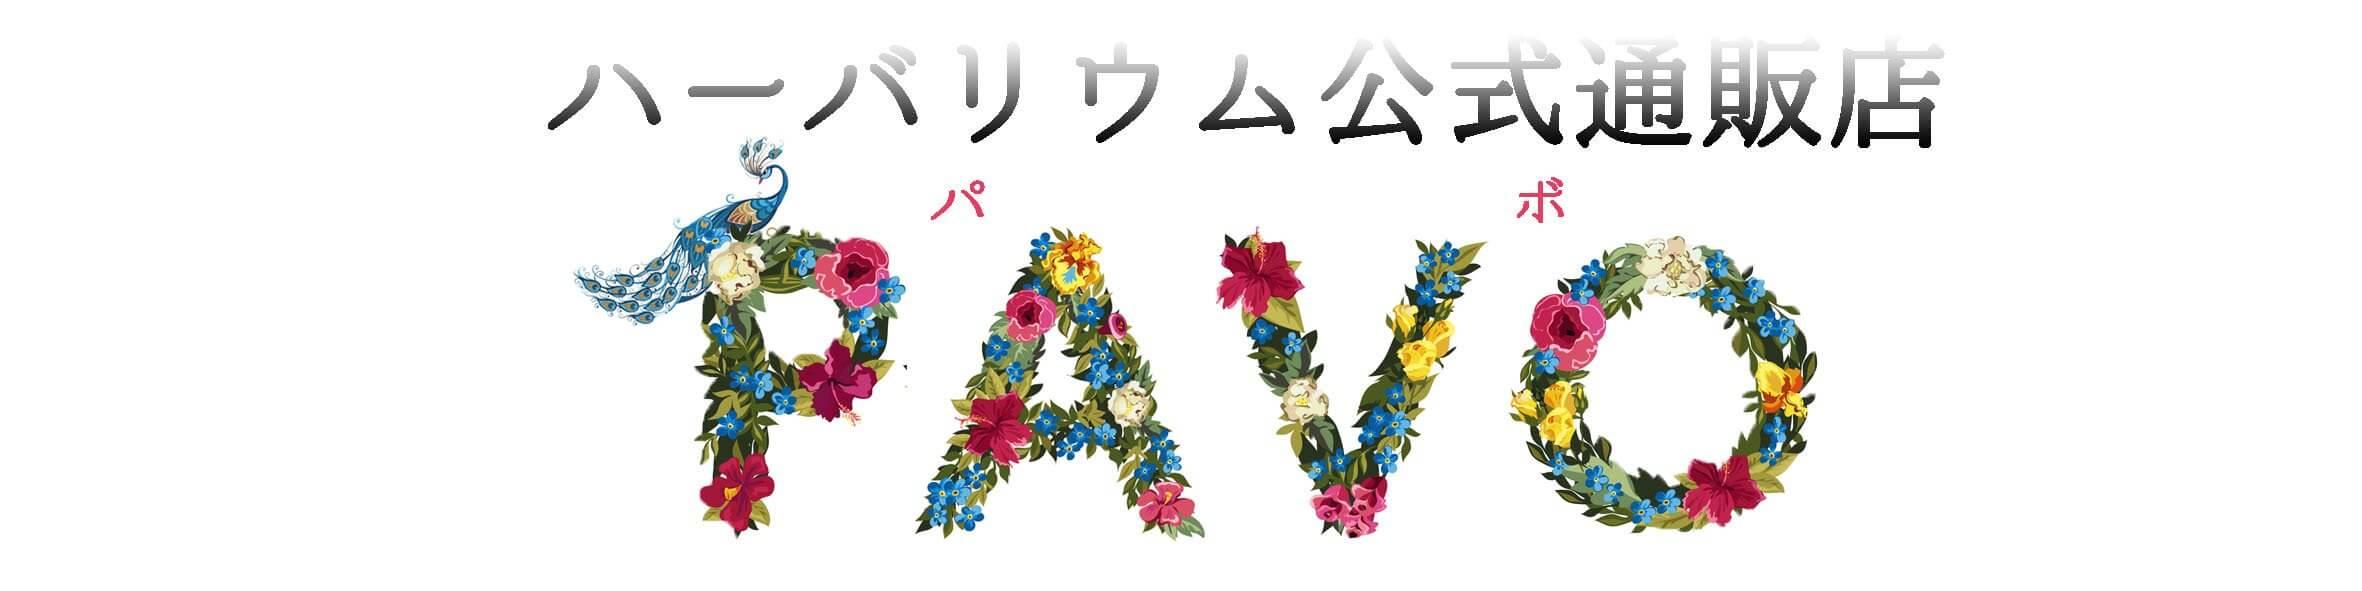 ハーバリウム材料通販店PAVO|花材オイル瓶ハーバリウムキット,ランプ,ボールペン販売店